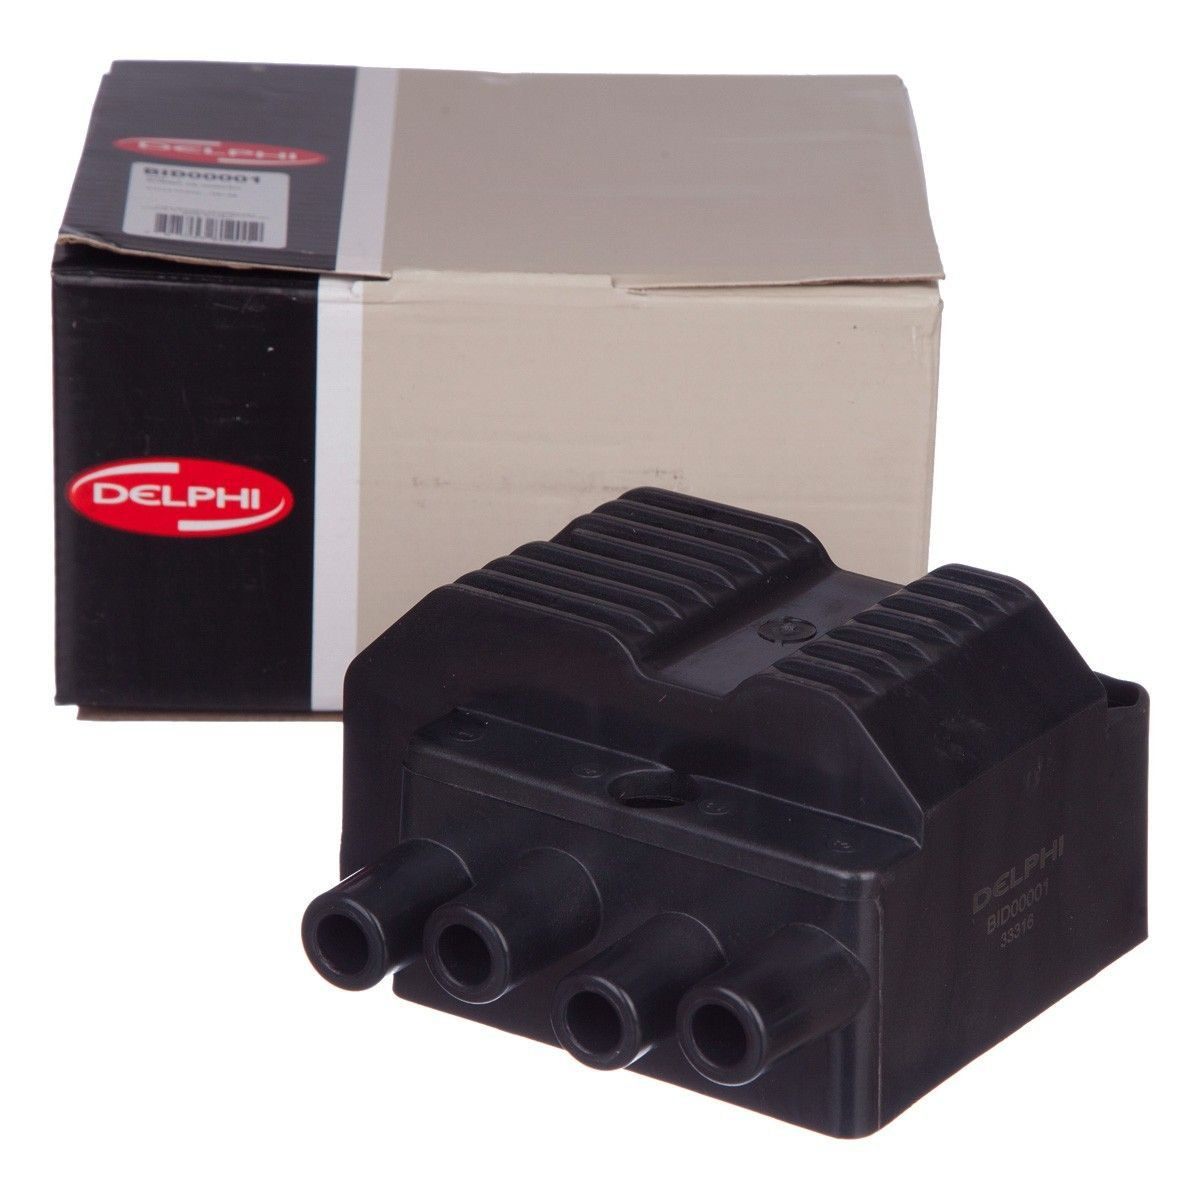 BobIna de ignicao - S10 2.2 Efi de 1996 a 1997